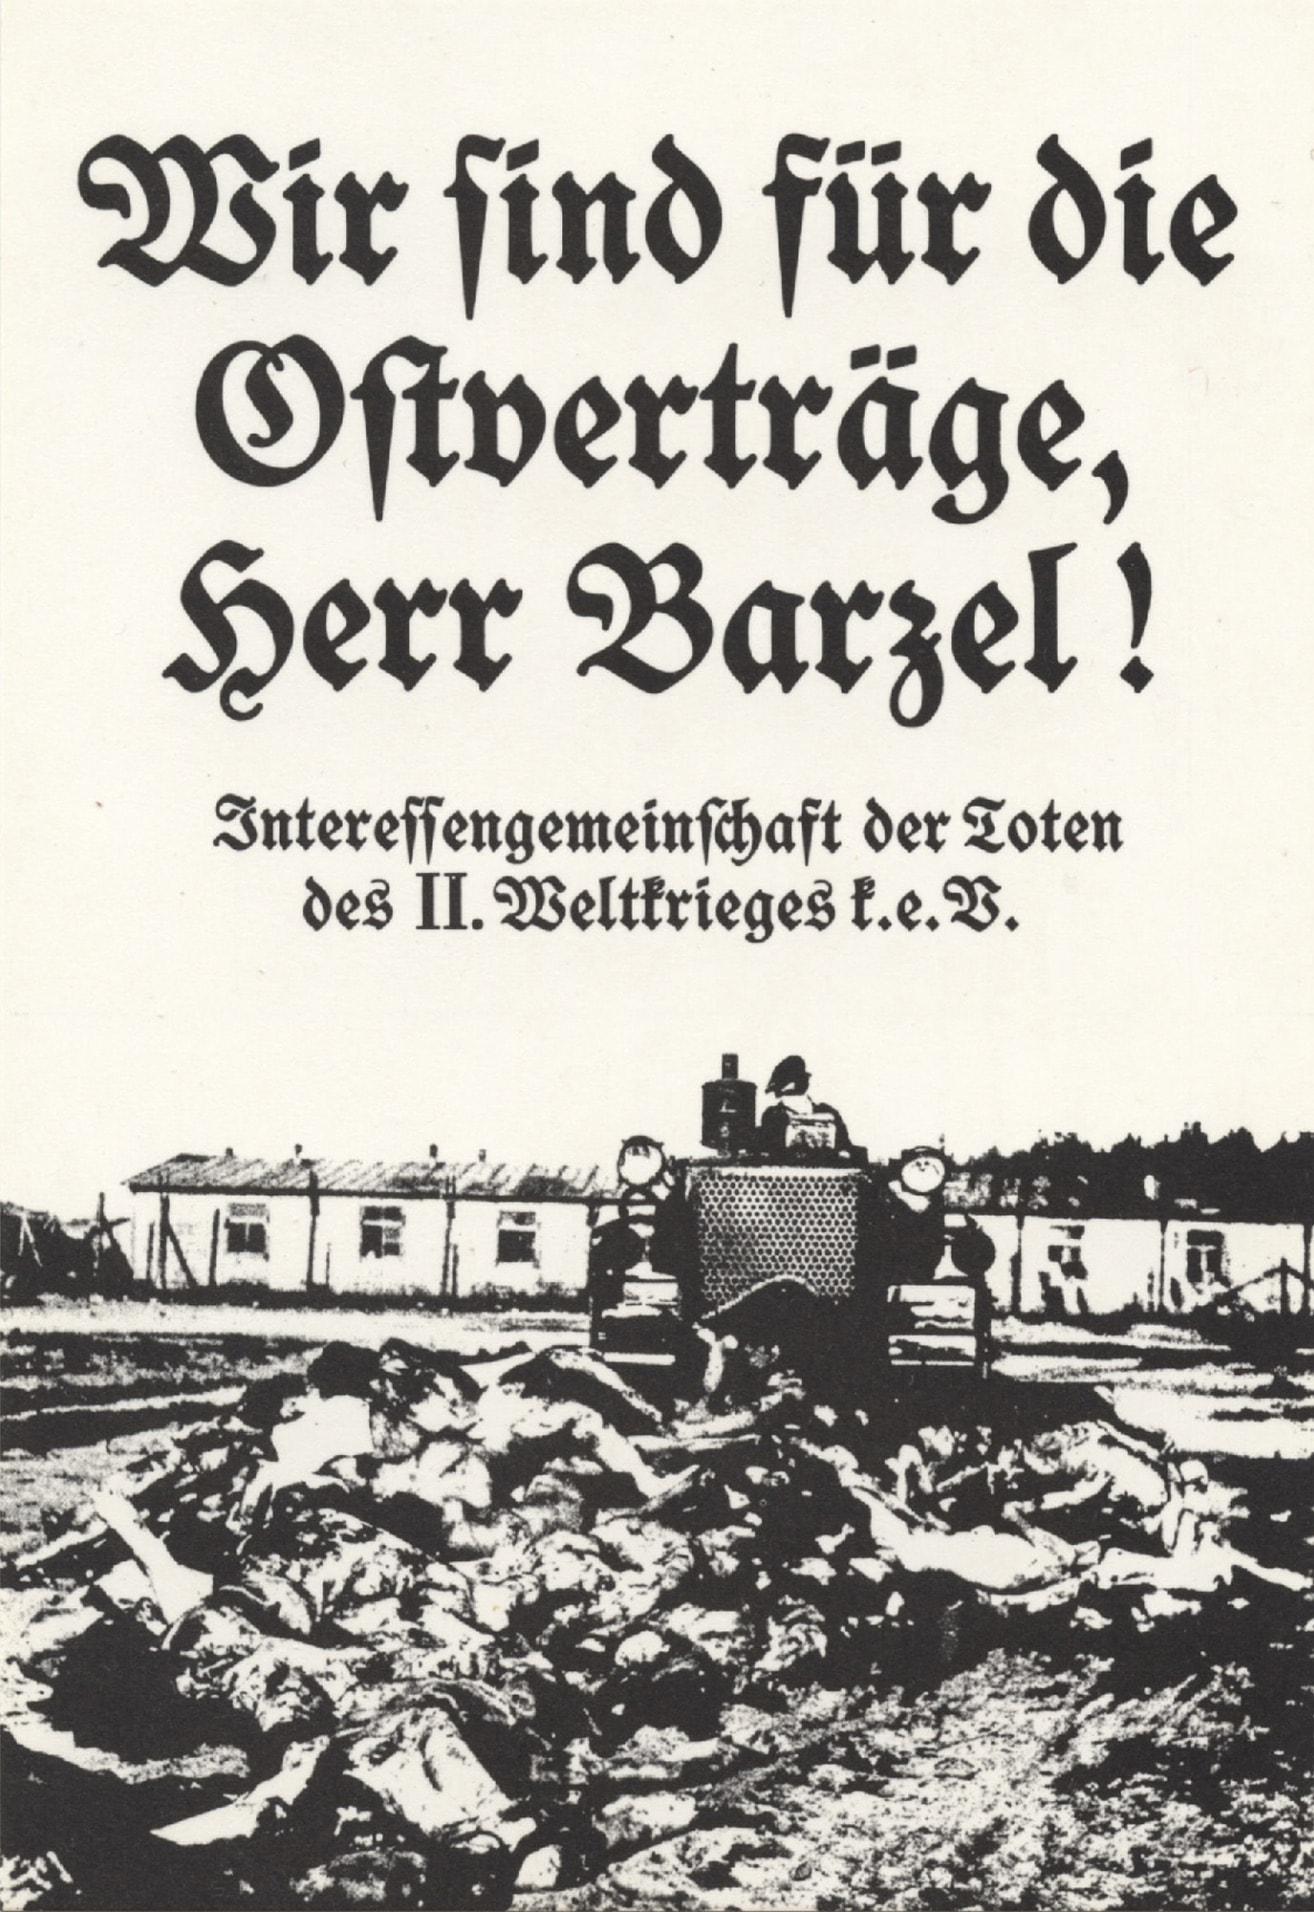 Klaus Staeck, Plakat Ostverträge 1972